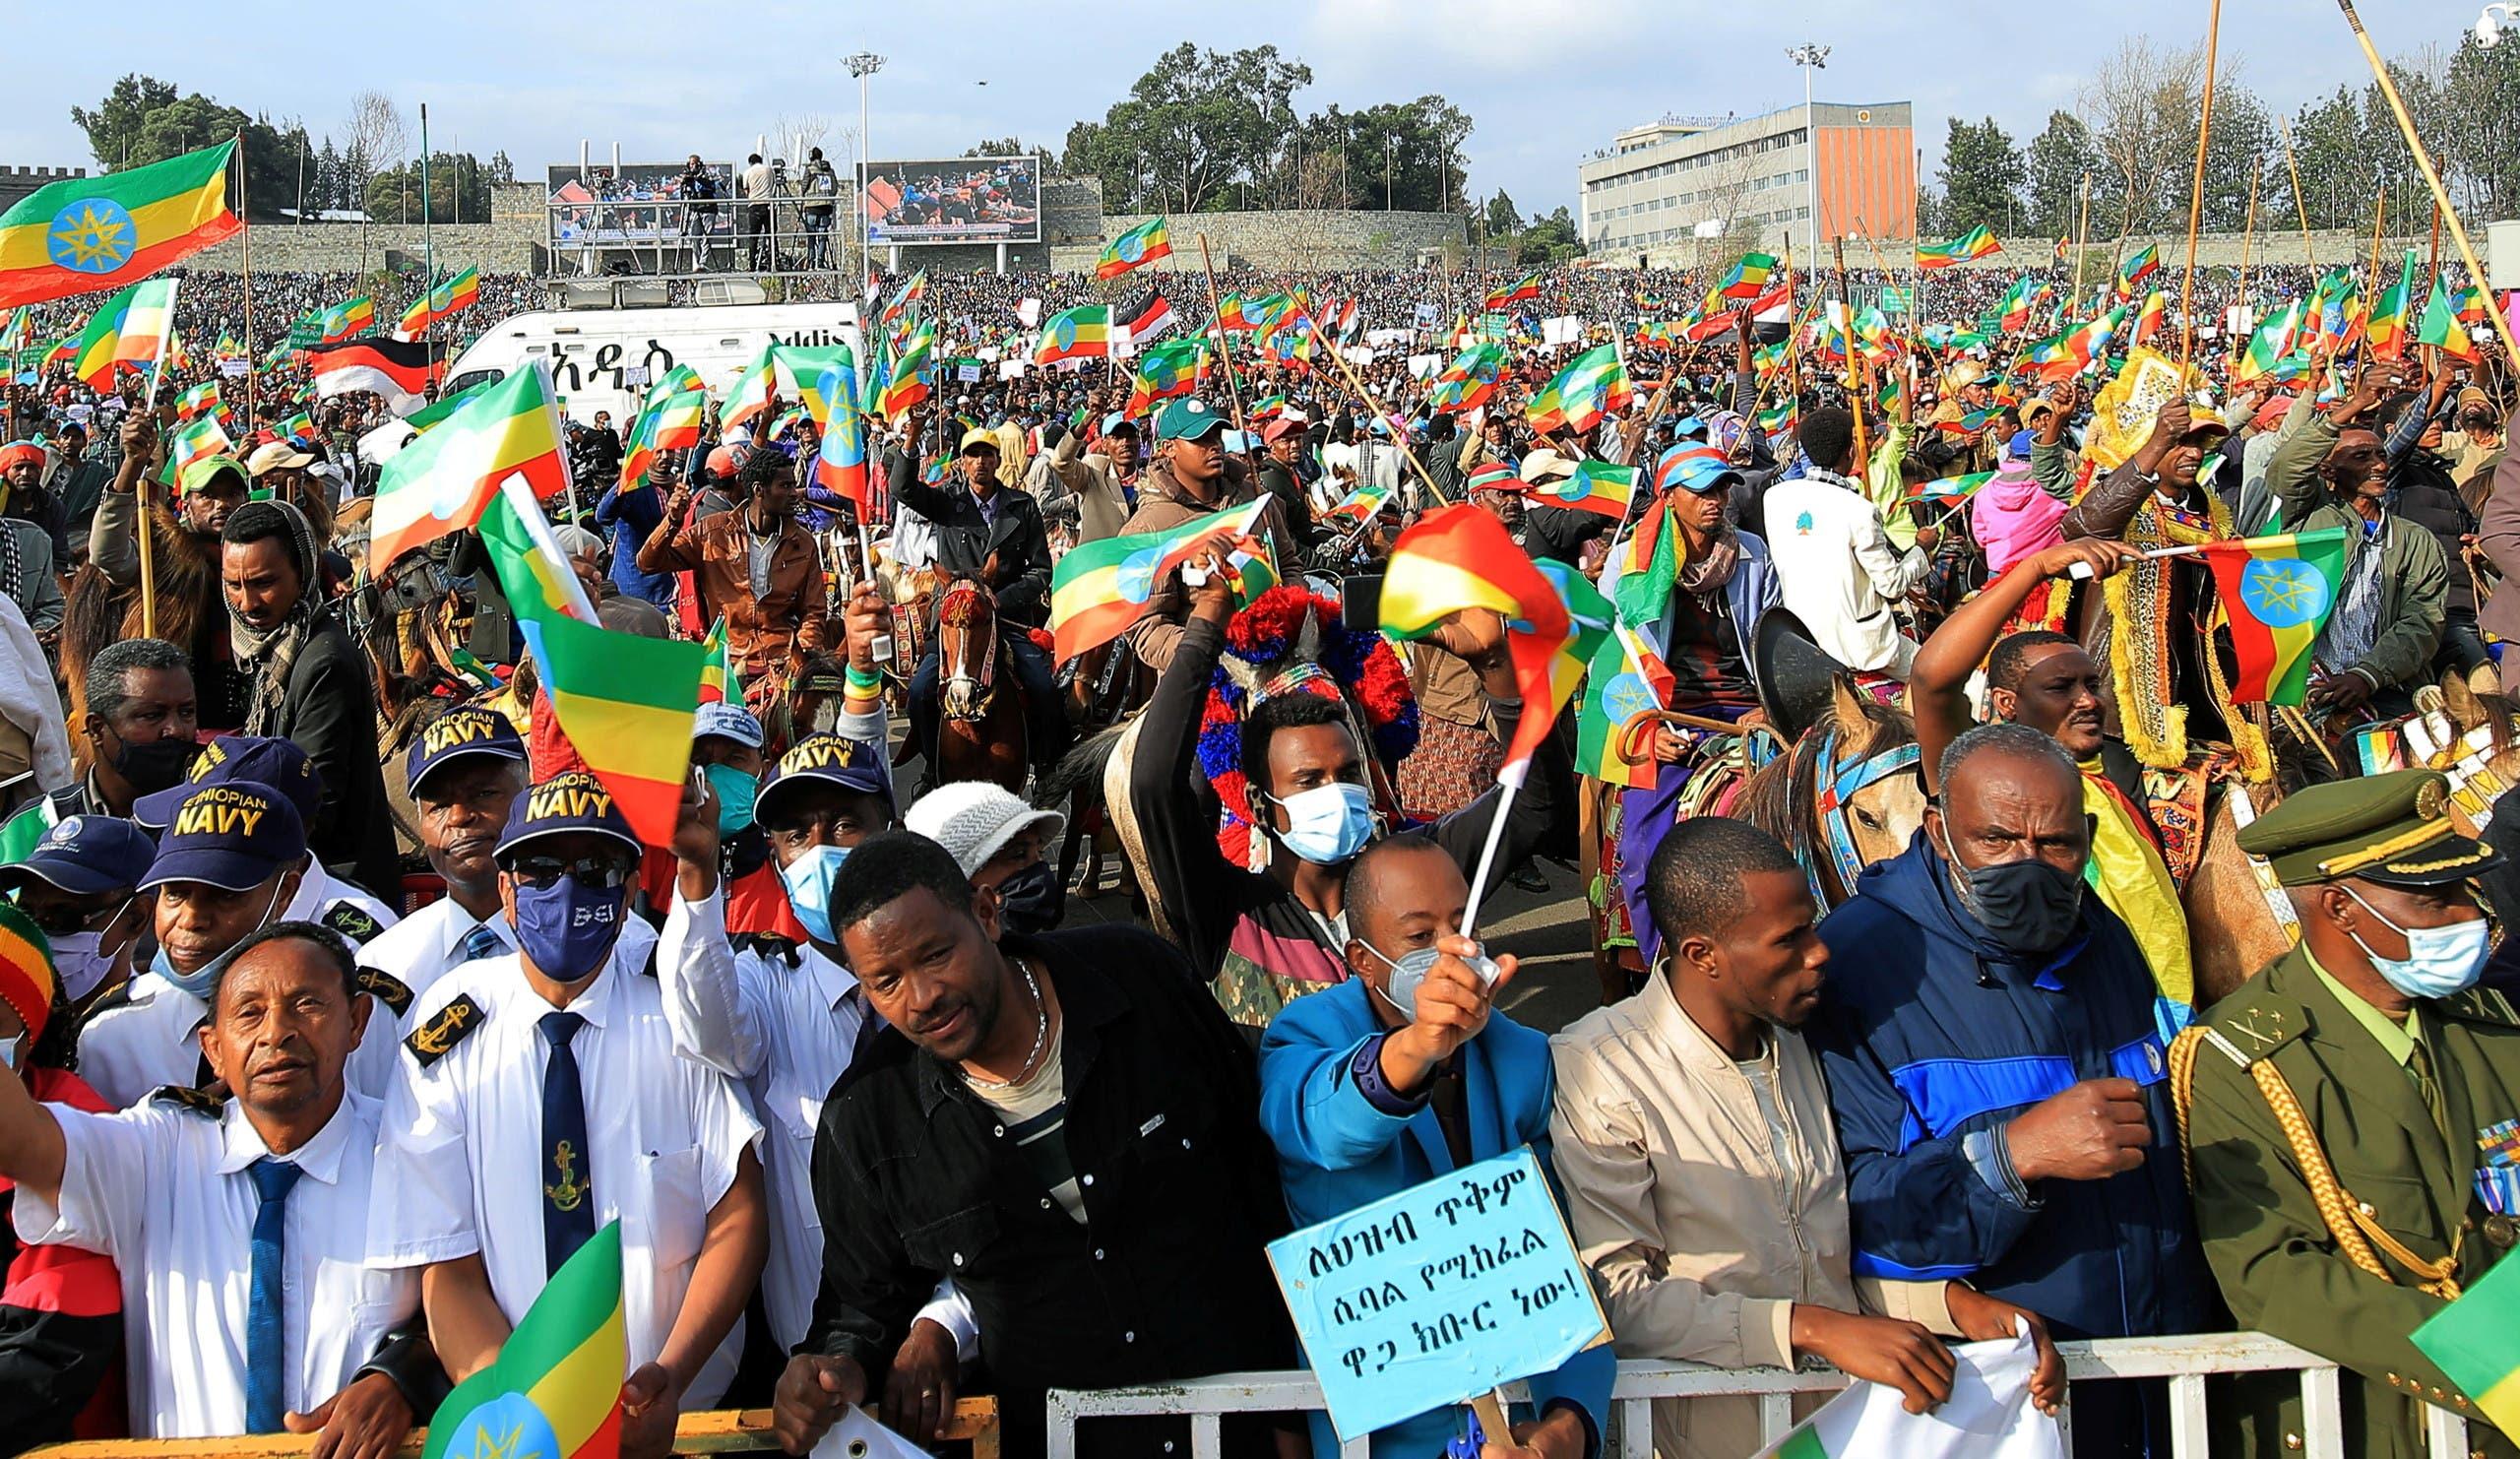 تجمّع شعبي في أديس أبابا في أغسطس الماضي لنصرة الجيش الاتحادي والتنديد بجبهة تحرير تيغراي